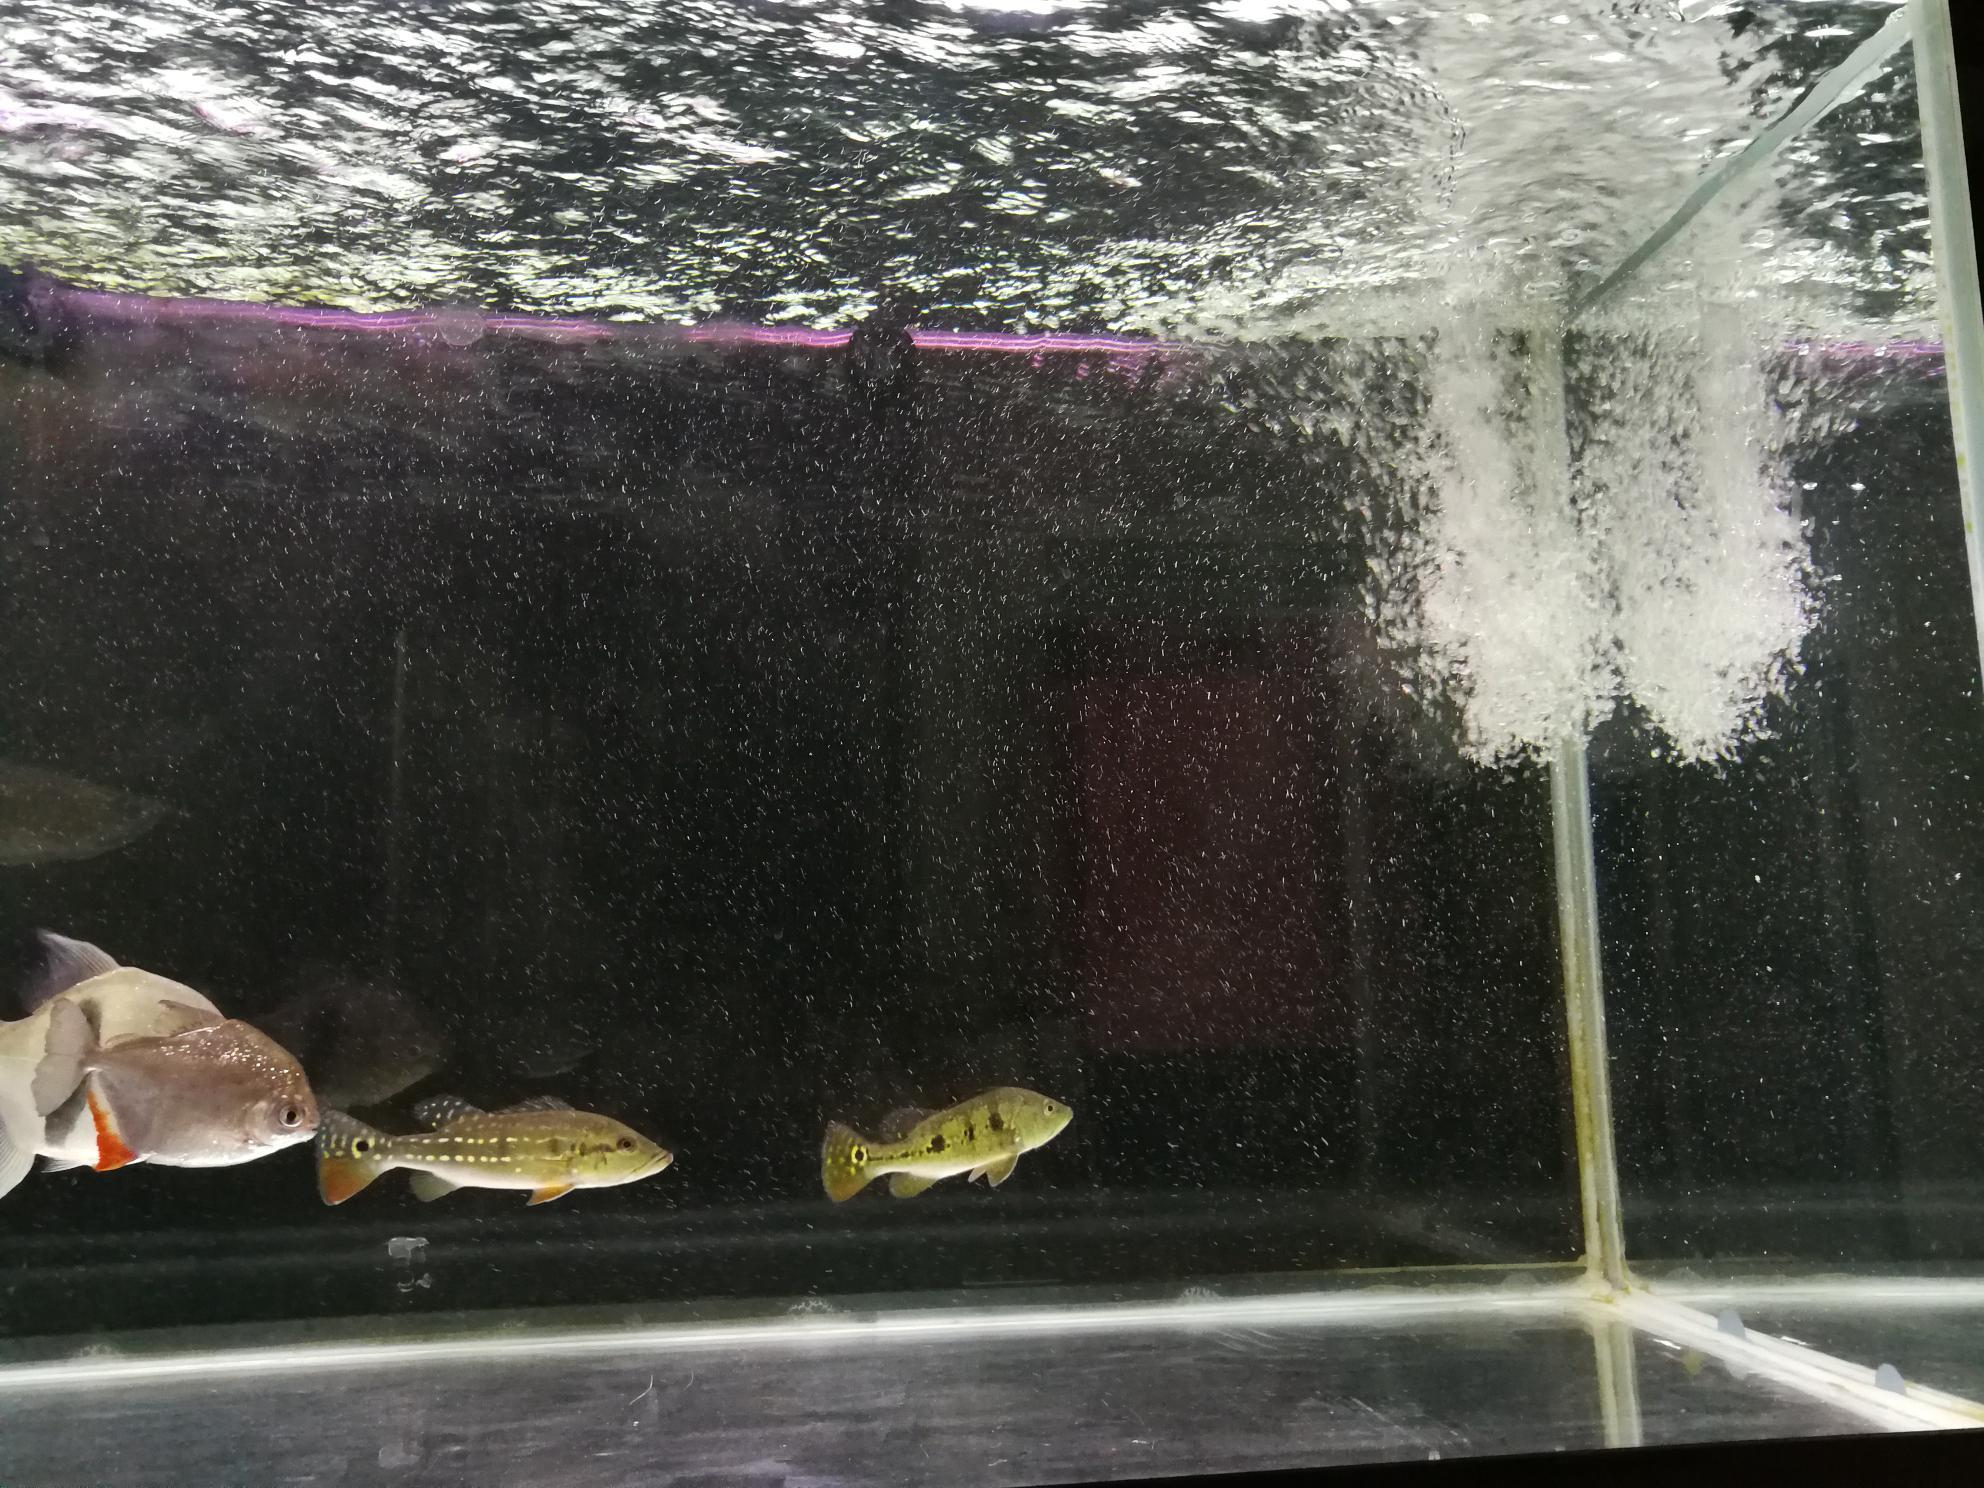 鱼缸里的水有水泡 西安观赏鱼信息 西安博特第1张